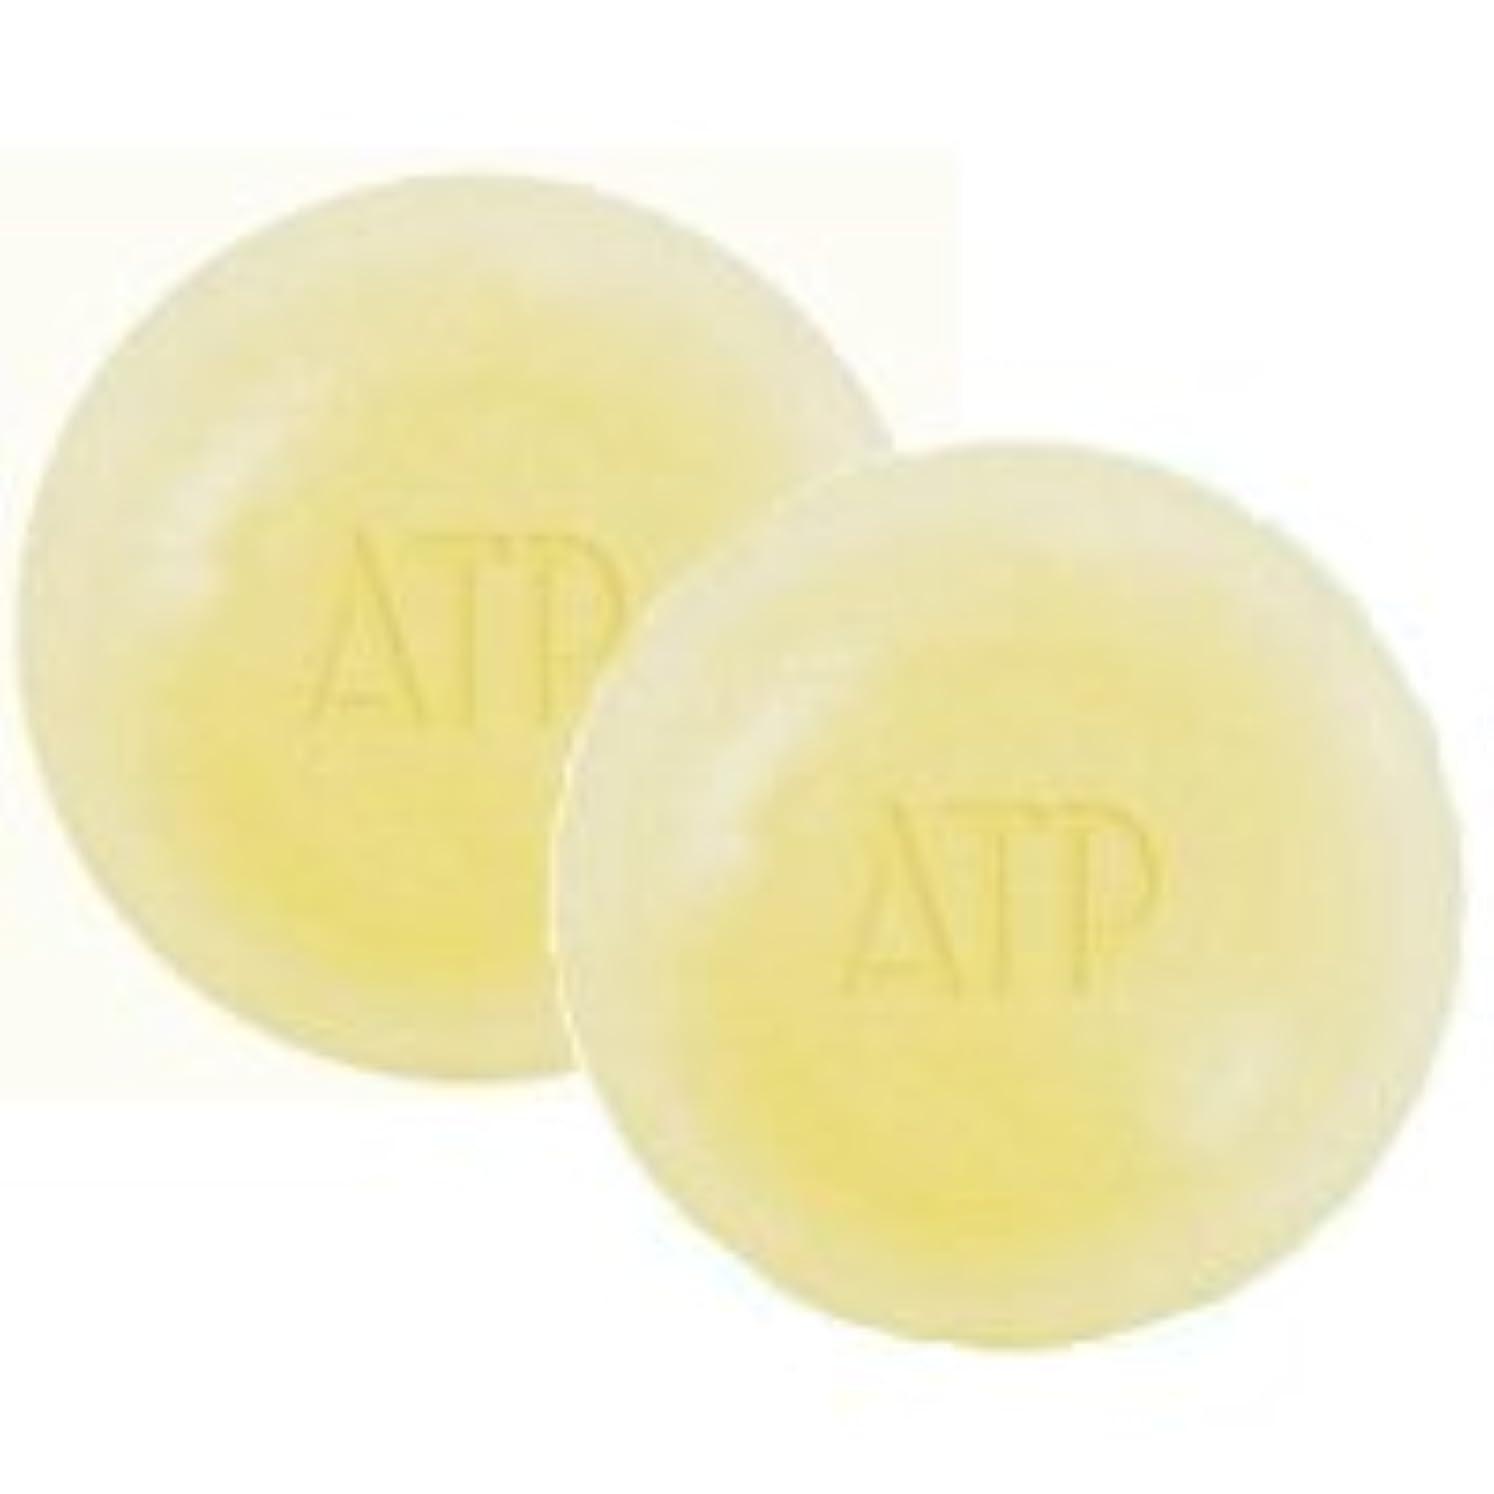 スキル地上で暴行ATPデリケアソープ 100g ケース付 2個セット